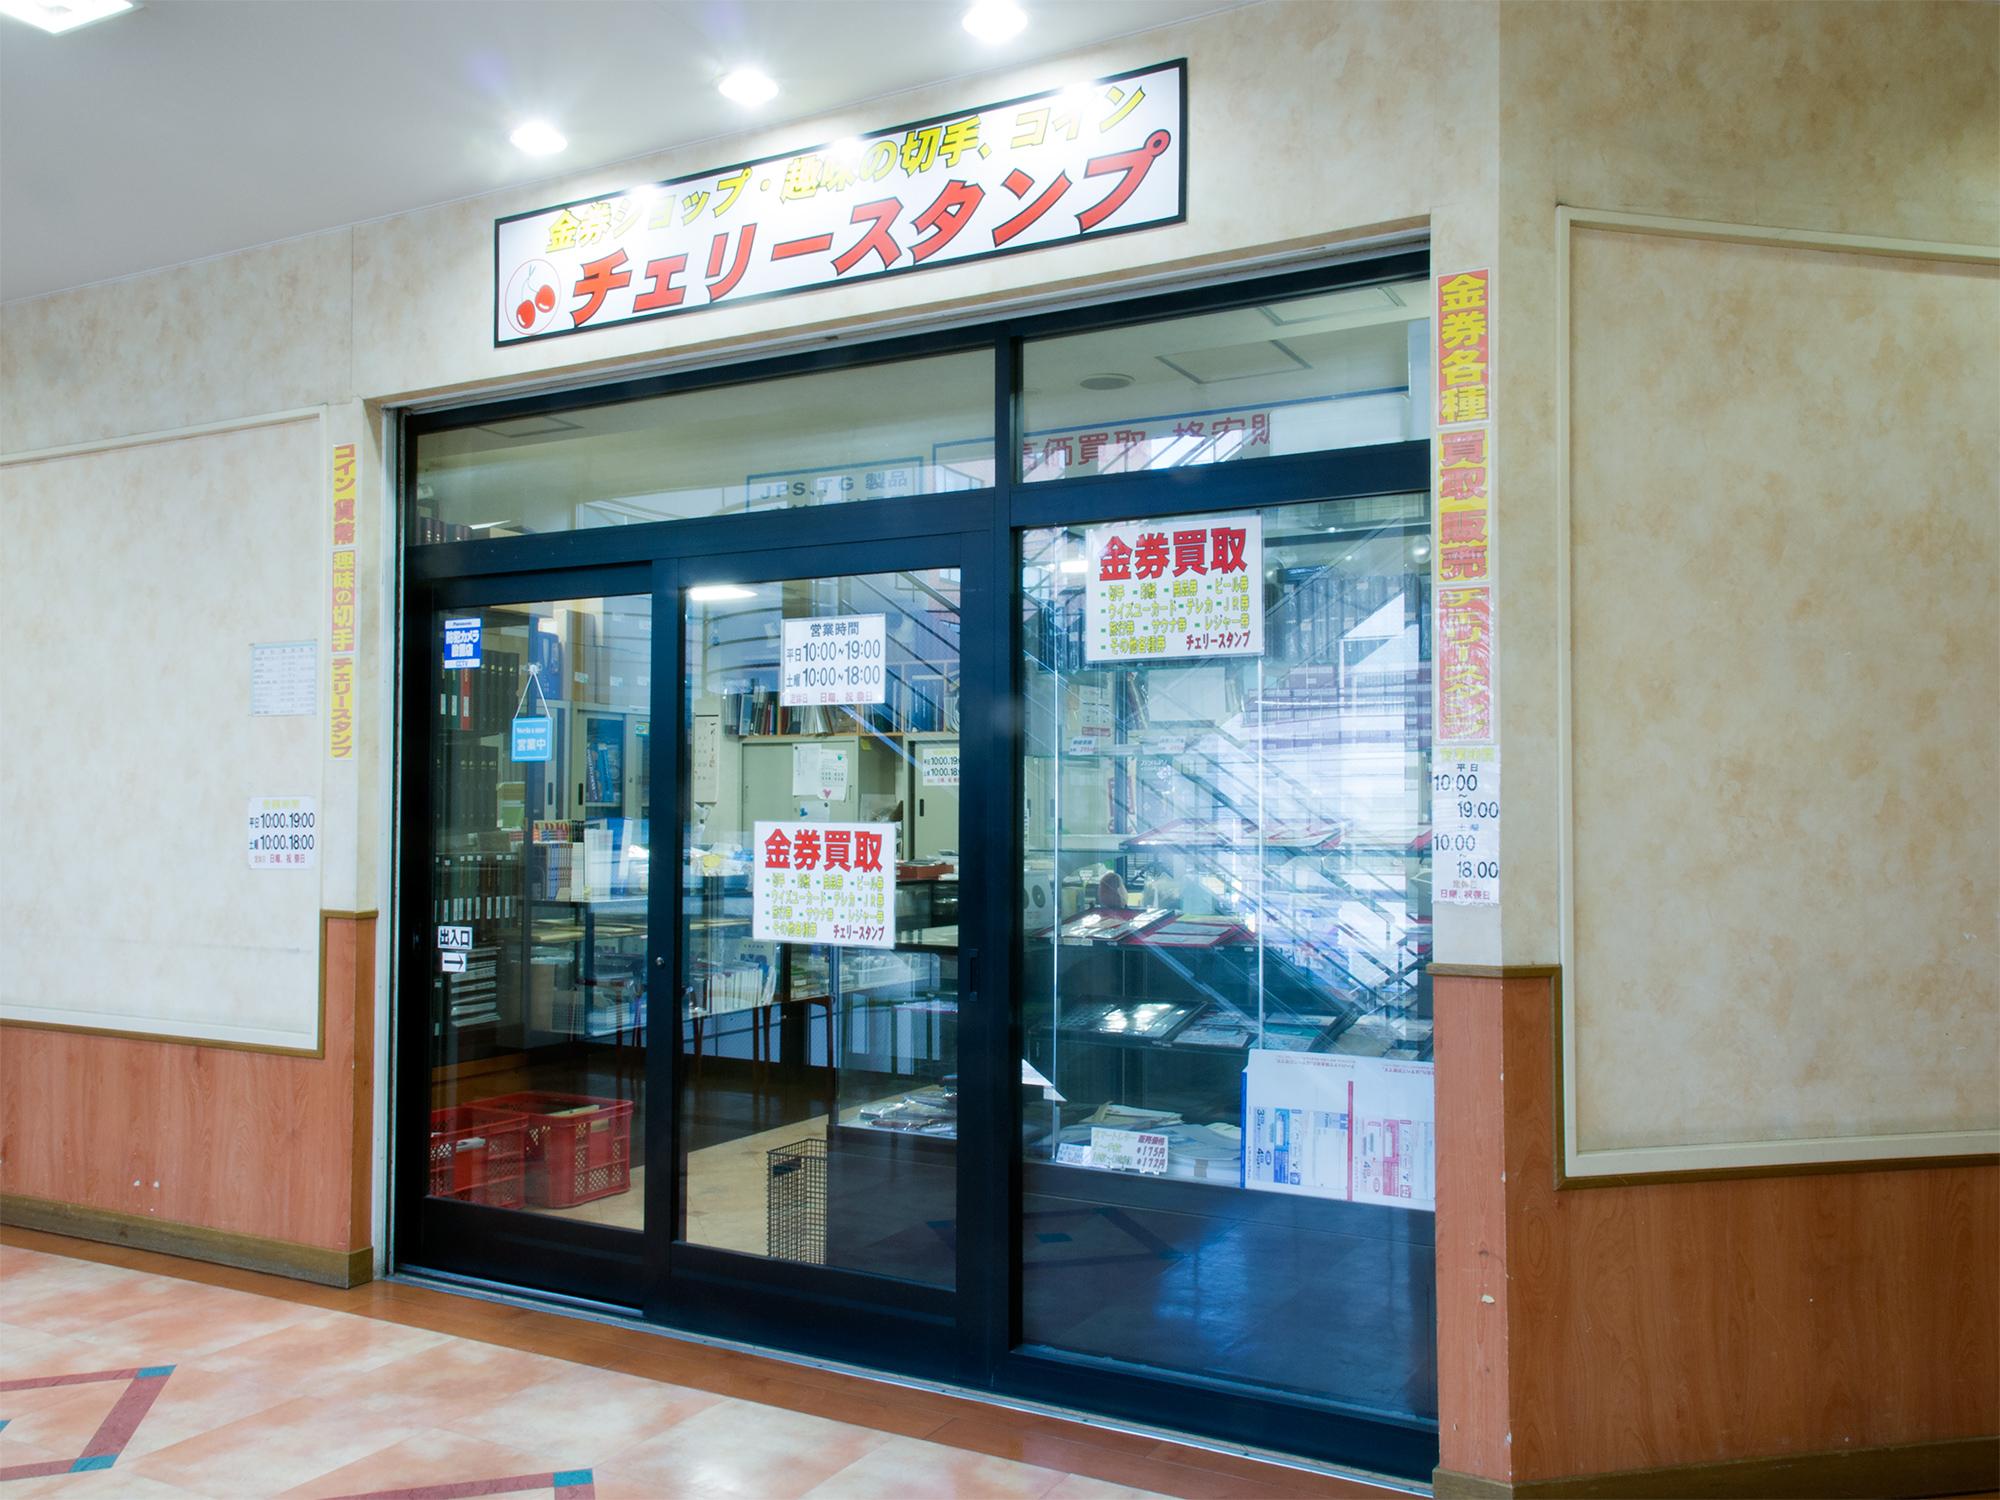 札幌の金券ショップ・趣味の切手・コインの店チェリースタンプの外観